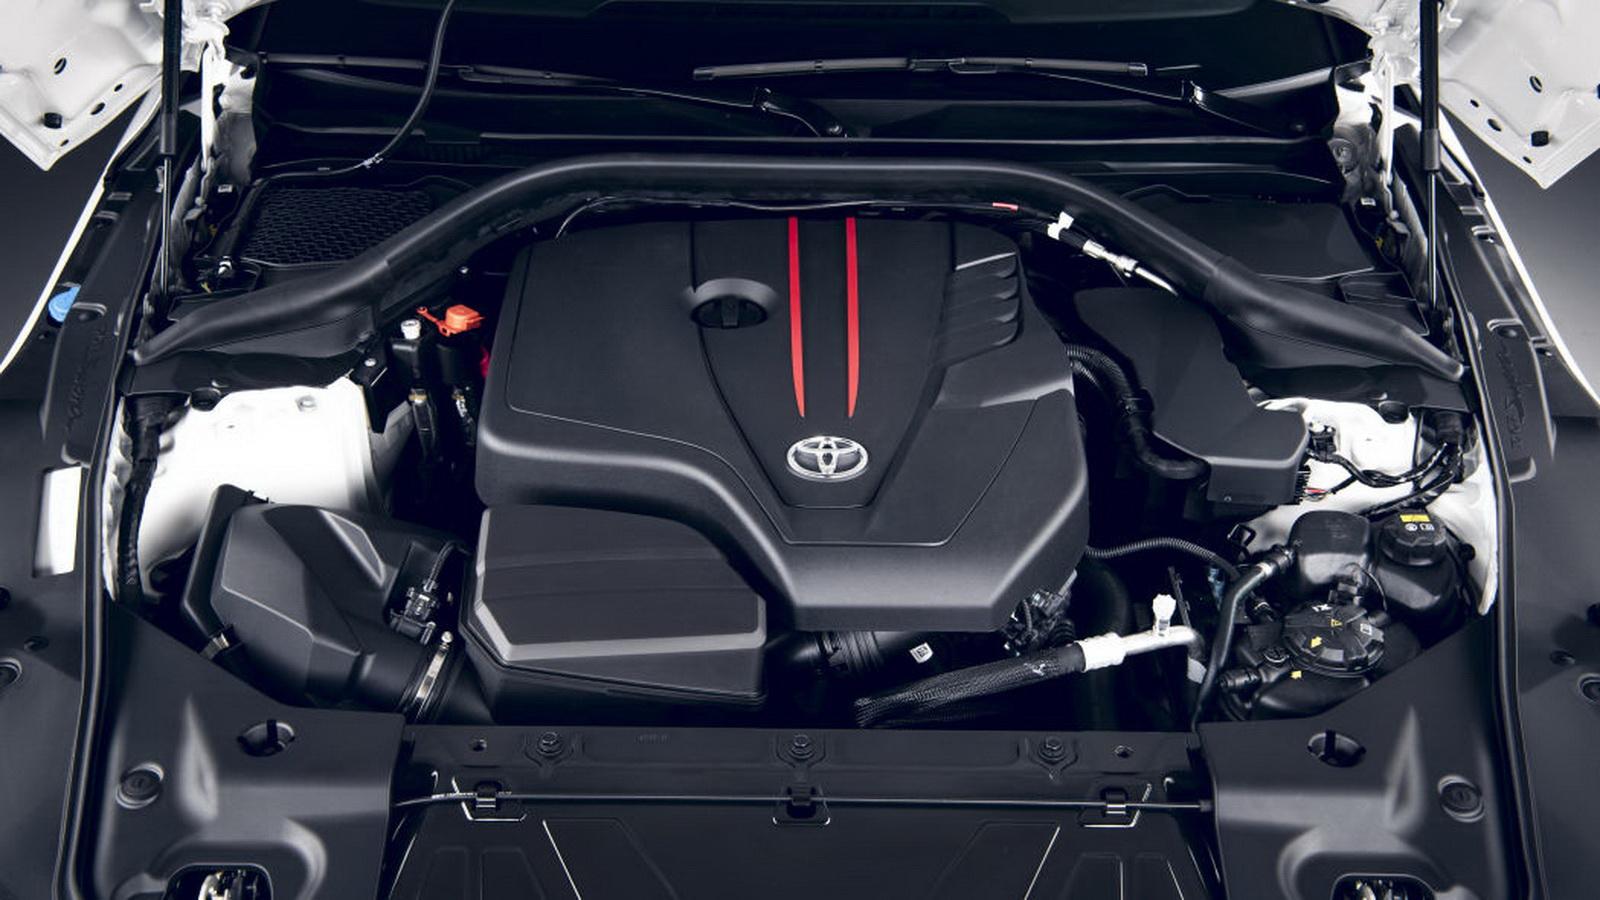 圖/傳美版Toyota GR Supra全新2.0升四缸引擎將於下週Daytona 500公開, 究竟這次能創下多高的性能呢?